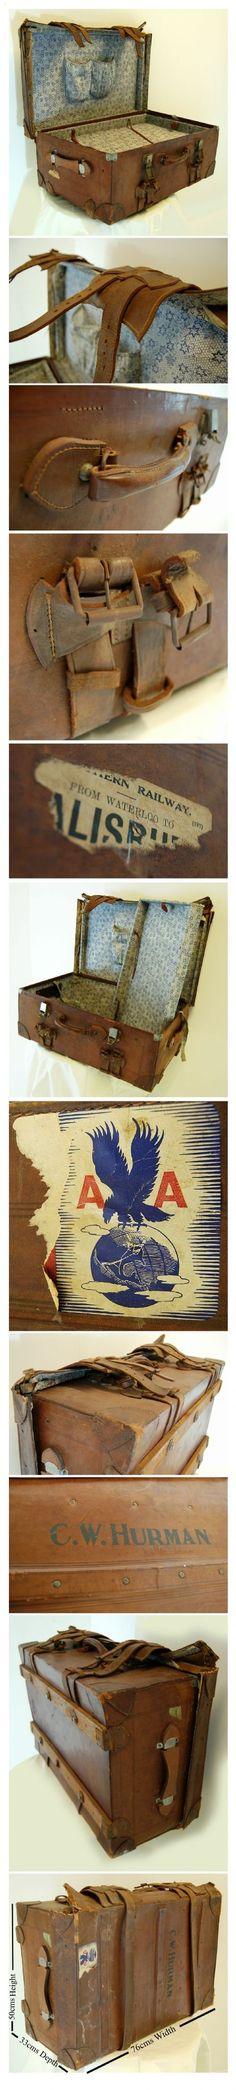 large leather vintage suitcase luggage travel trunk box - photo angle #5